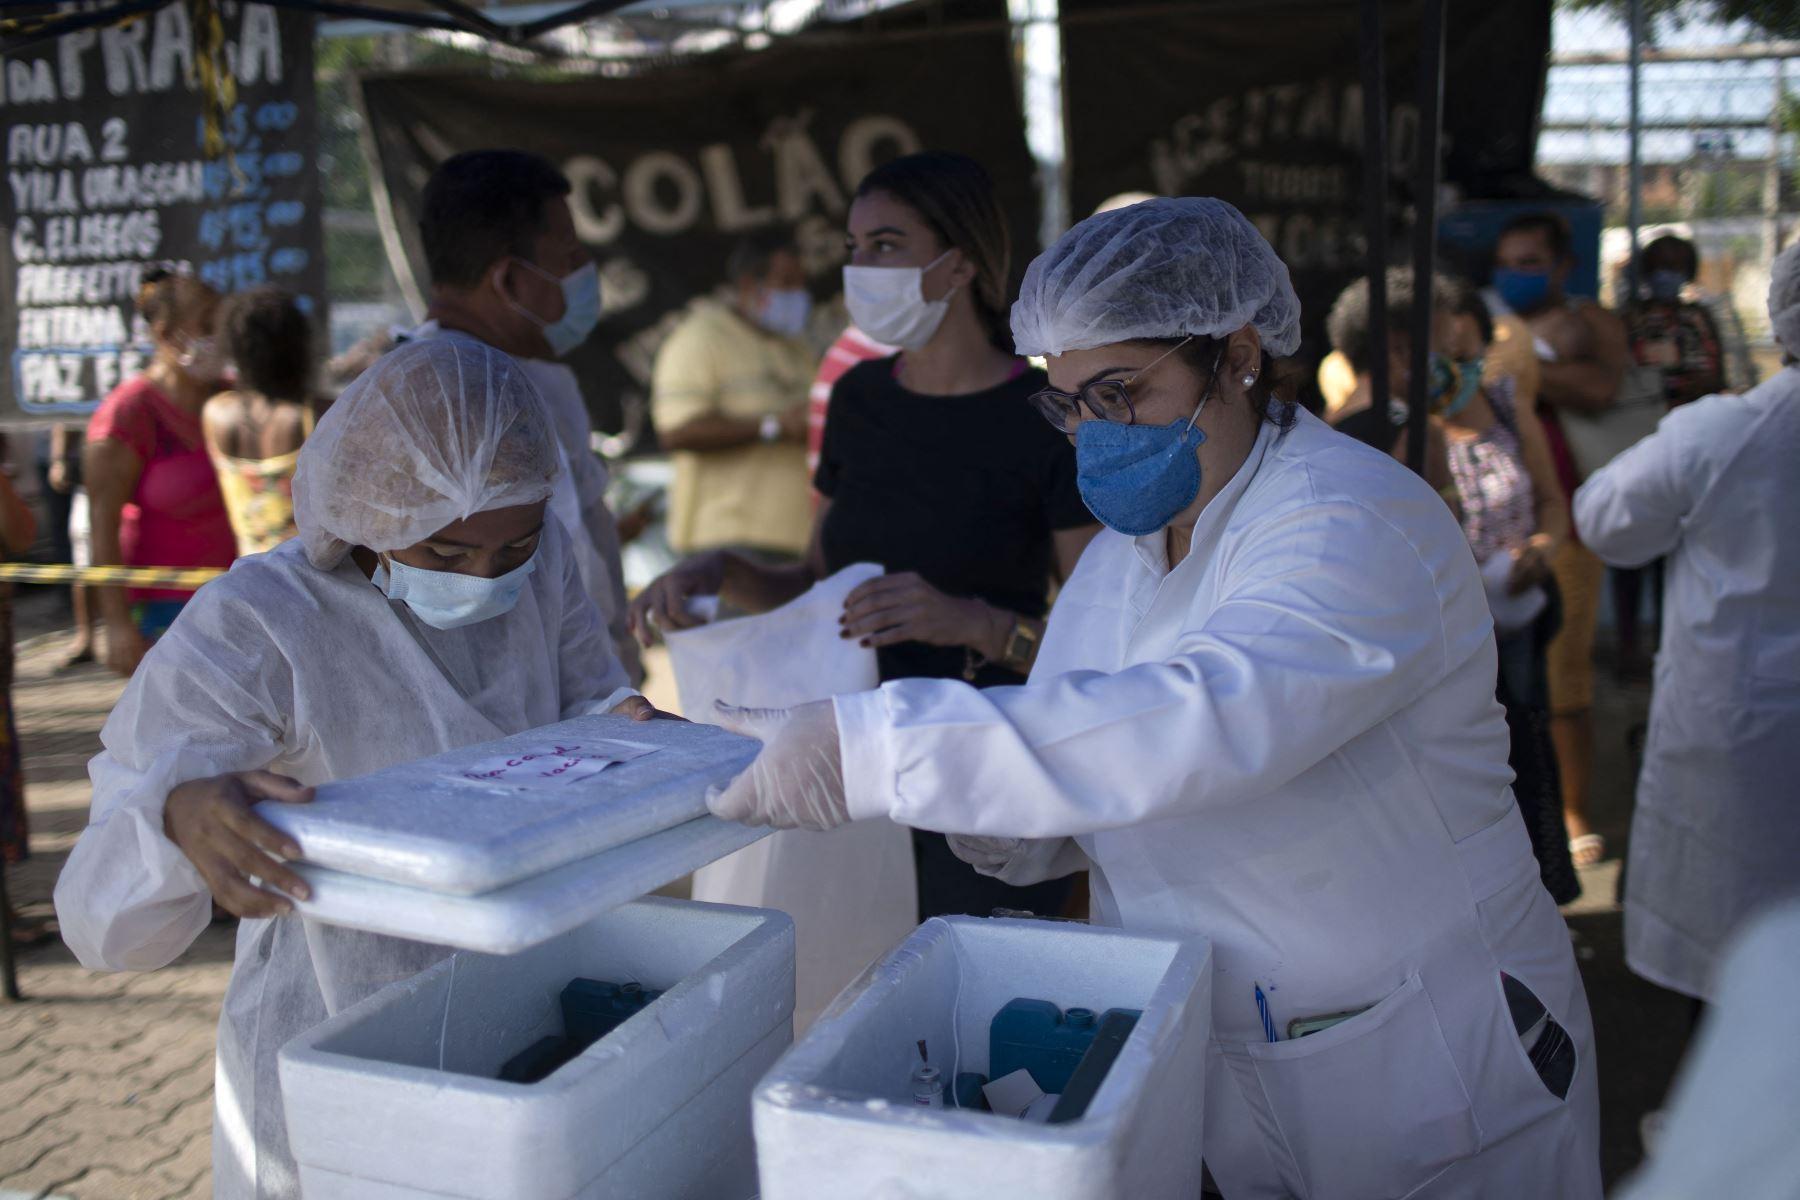 Trabajadores de salud preparan dosis de la vacuna COVID-19 en un centro de vacunación de la plaza Cangulo, en Duque de Caxias, estado de Río de Janeiro, Brasil, el 30 de marzo de 2021. Foto: AFP